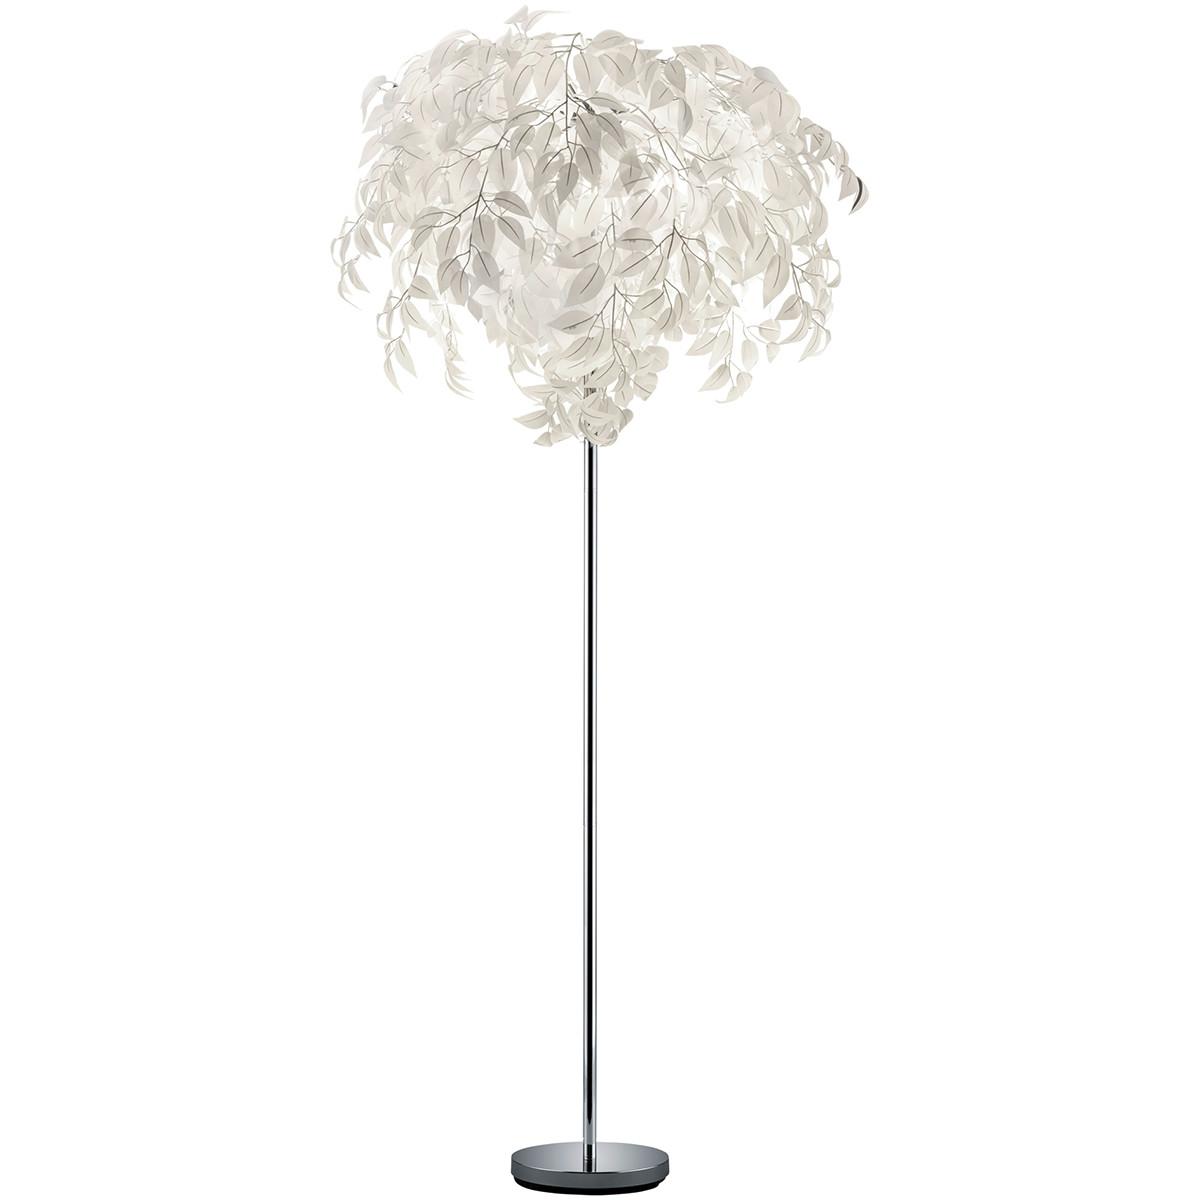 LED Vloerlamp - Trion Lovy - E14 Fitting - 3-lichts - Rond - Glans Chroom - Aluminium